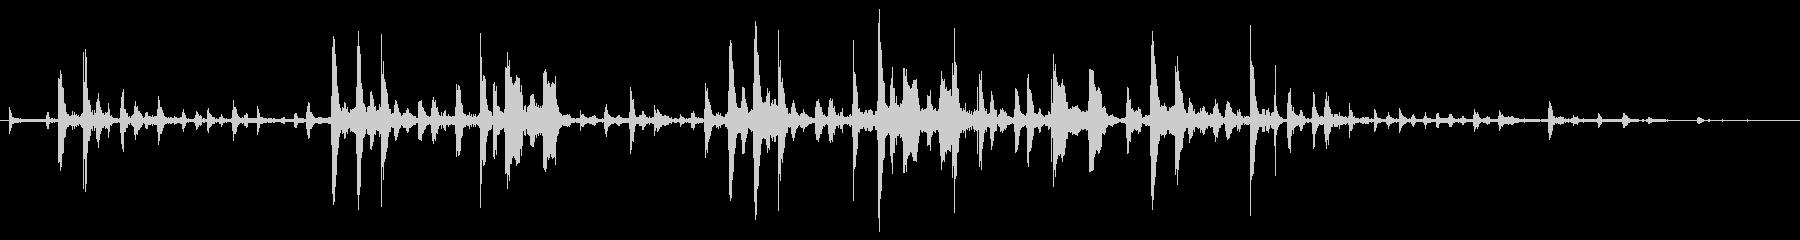 シリアス音4の未再生の波形